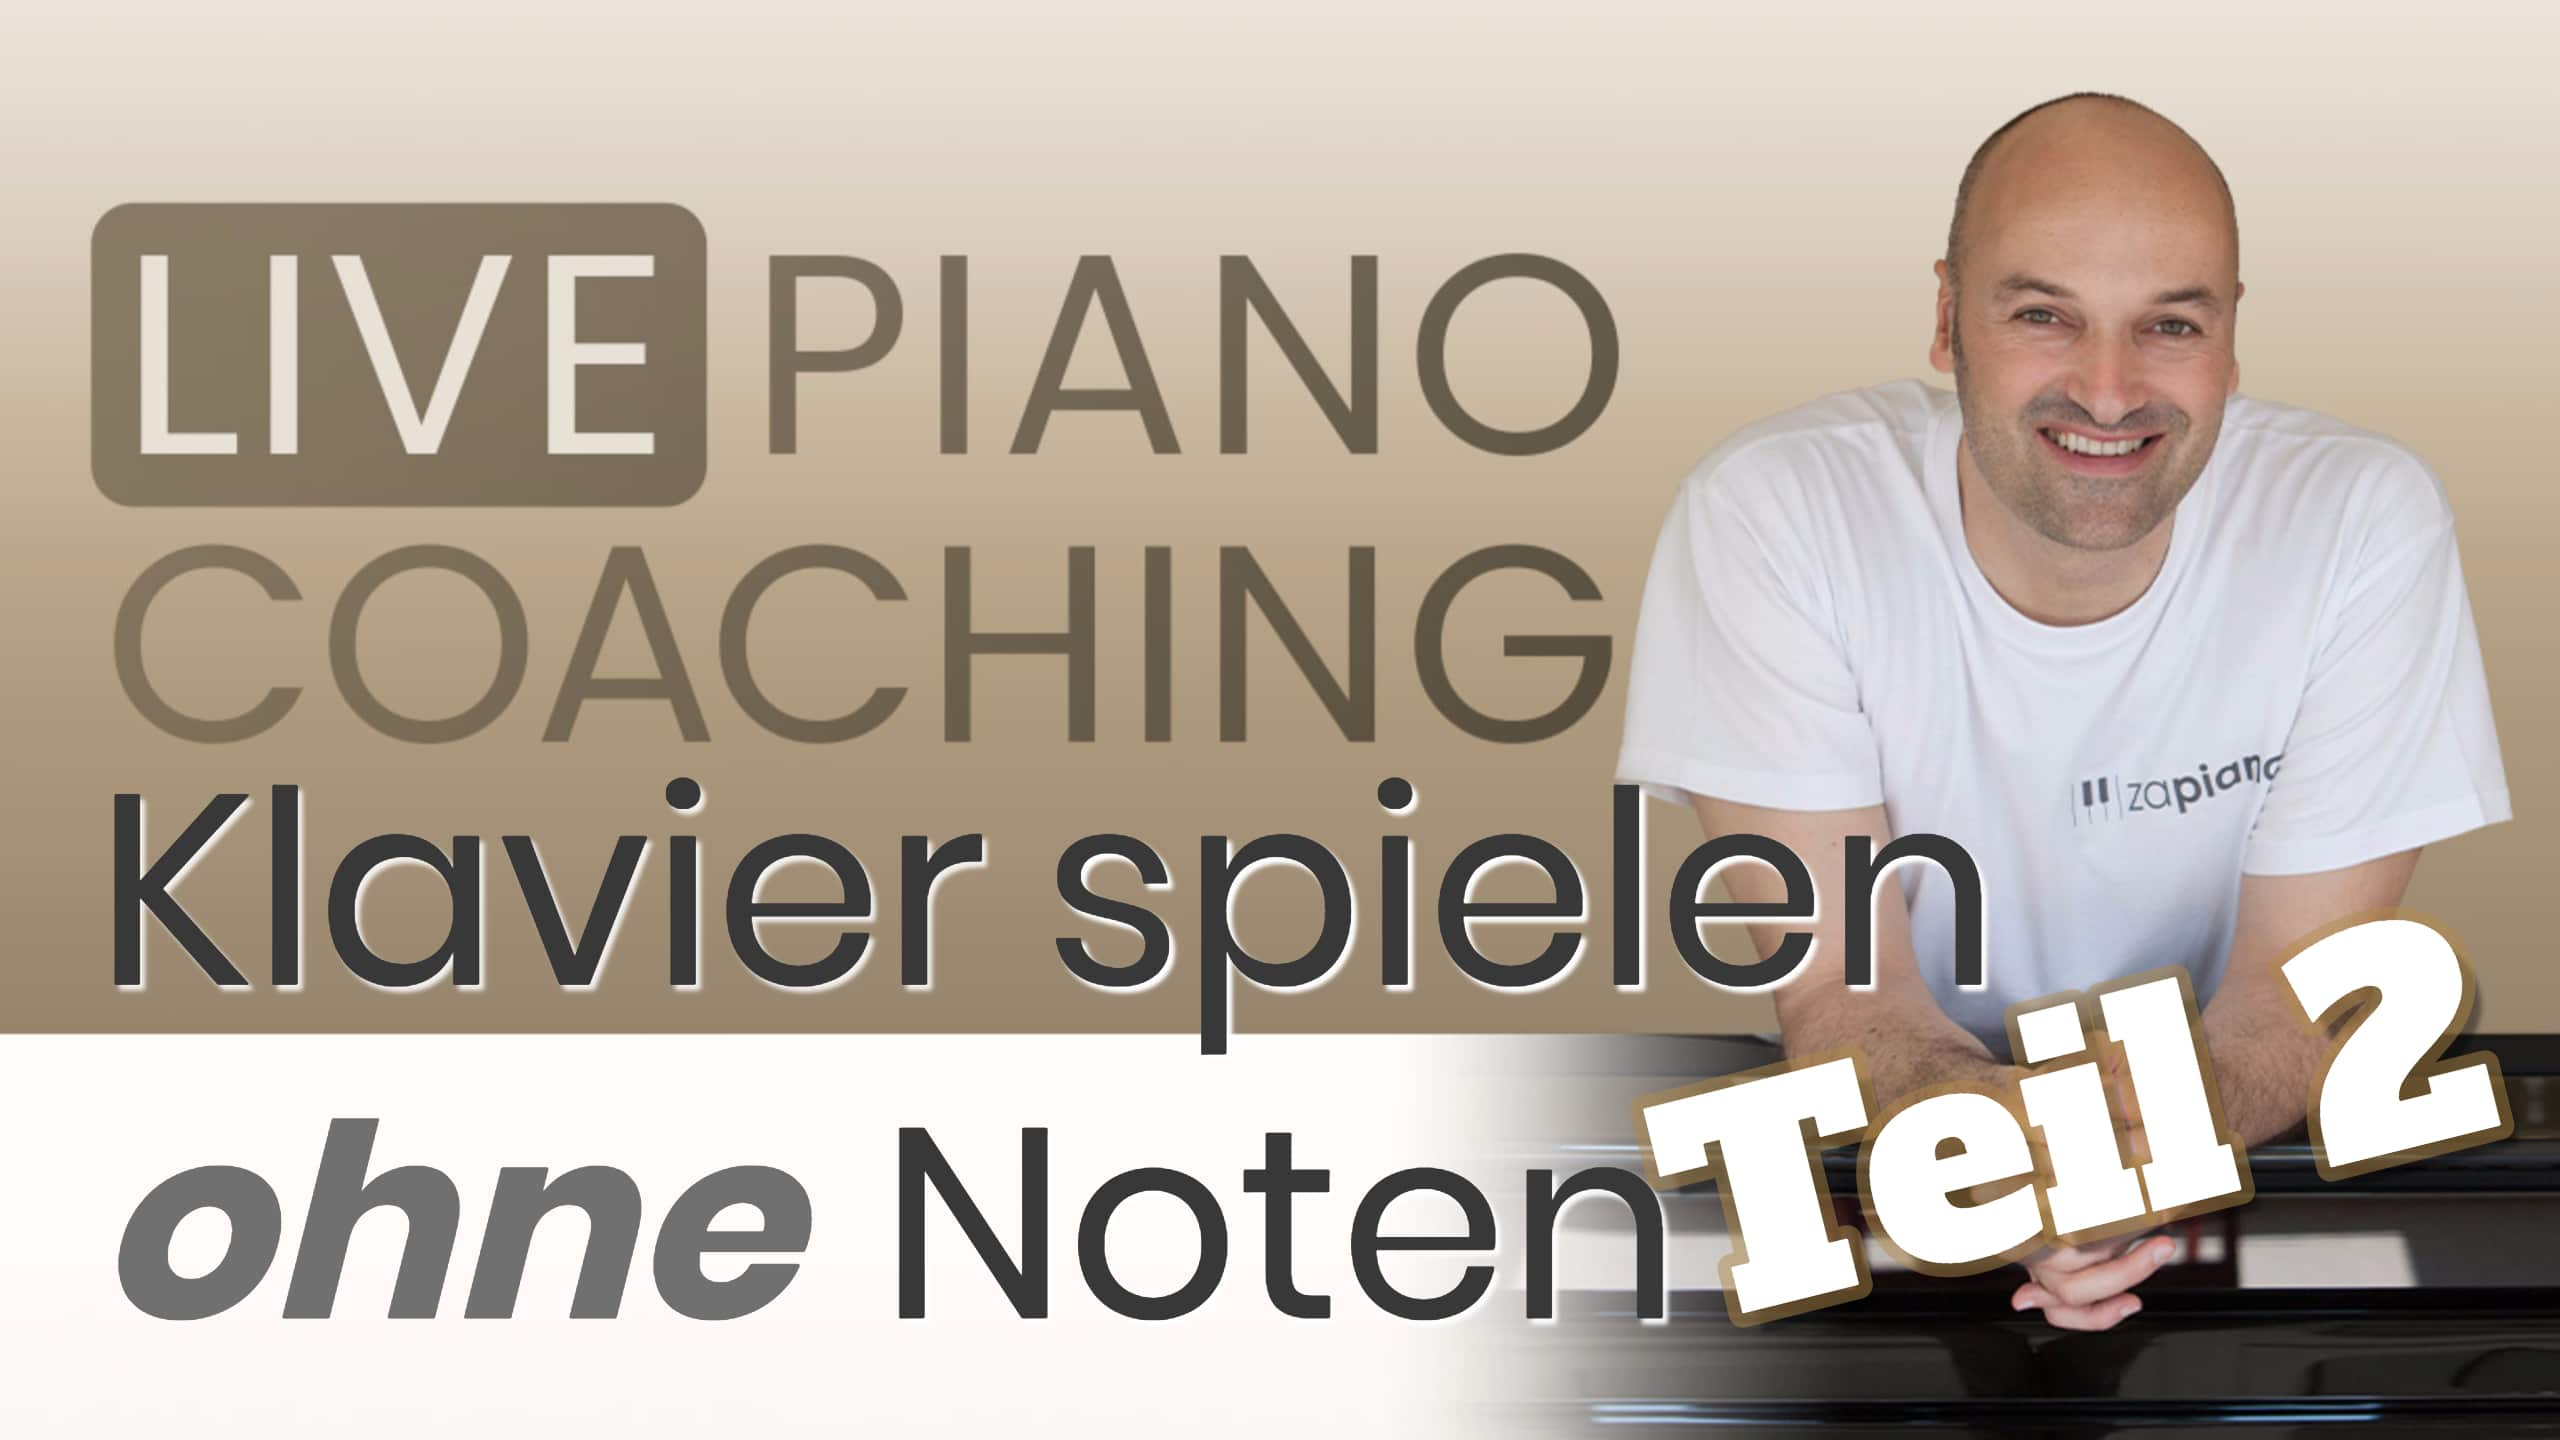 Klavier spielen ohne Noten. Teil 2